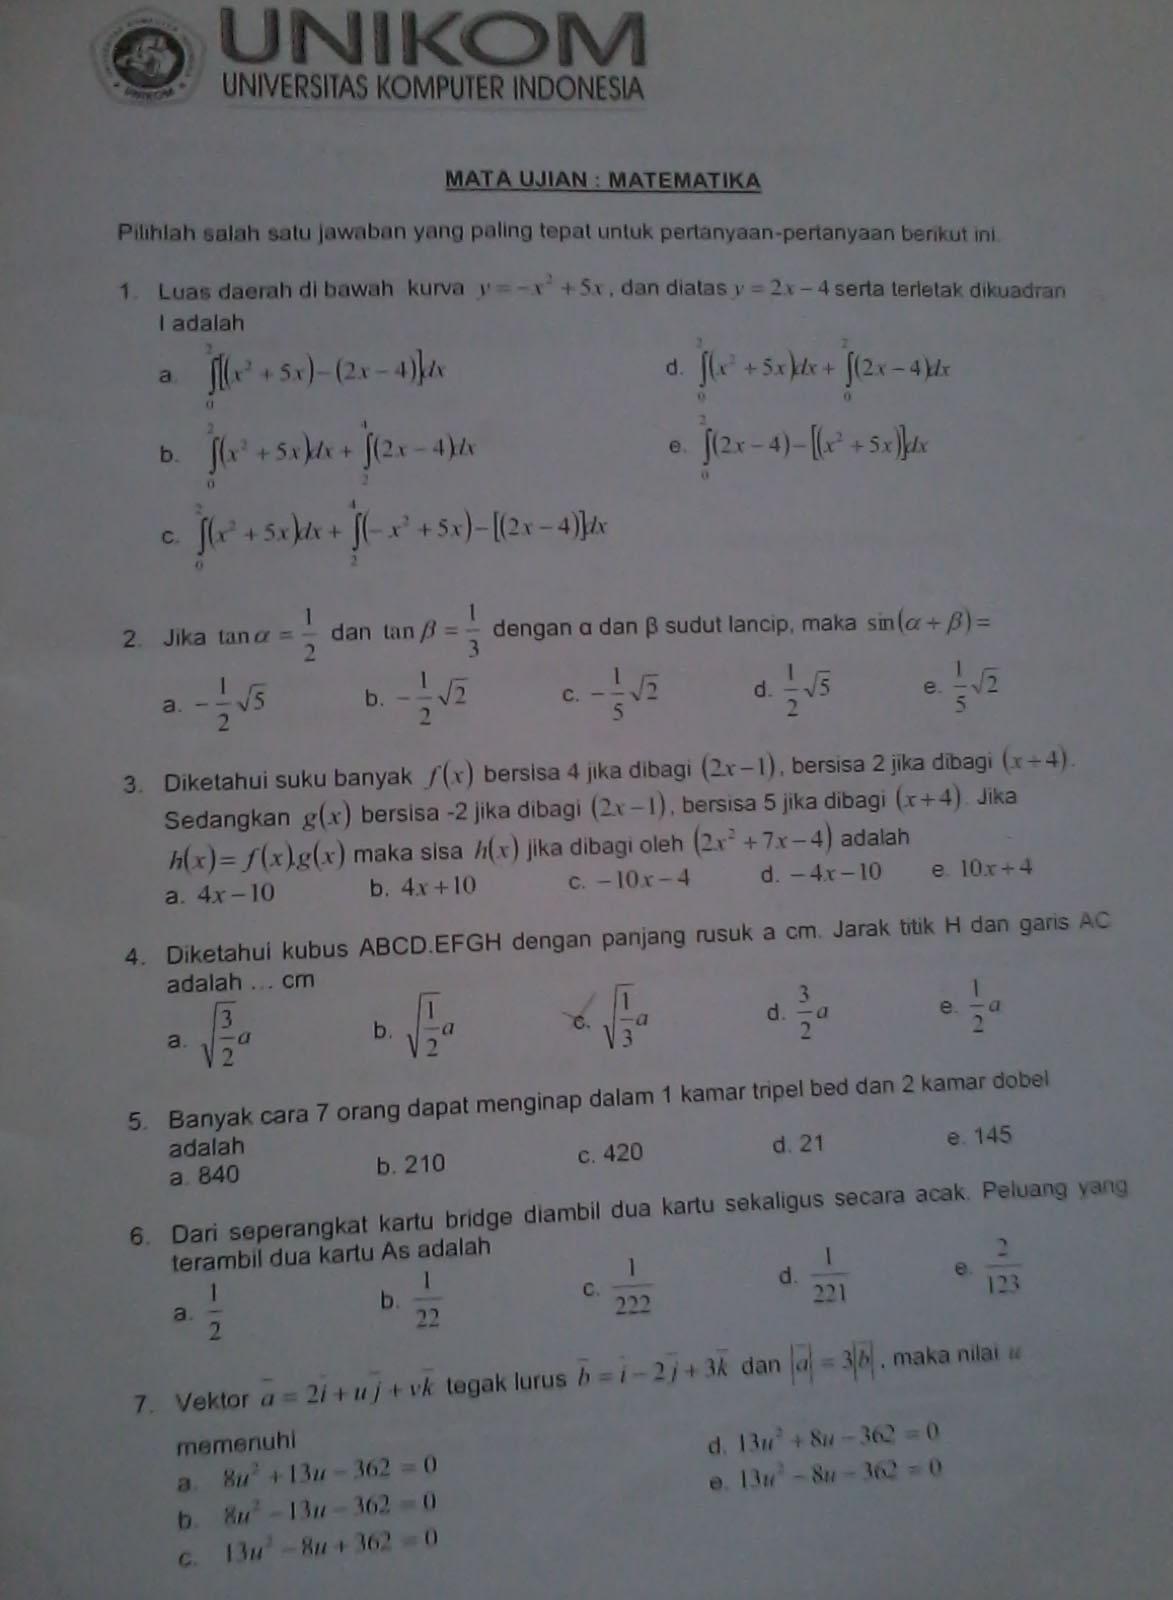 Contoh Soal Tes Matematika Masuk Perguruan Tinggi Swasta Seputaran Guru